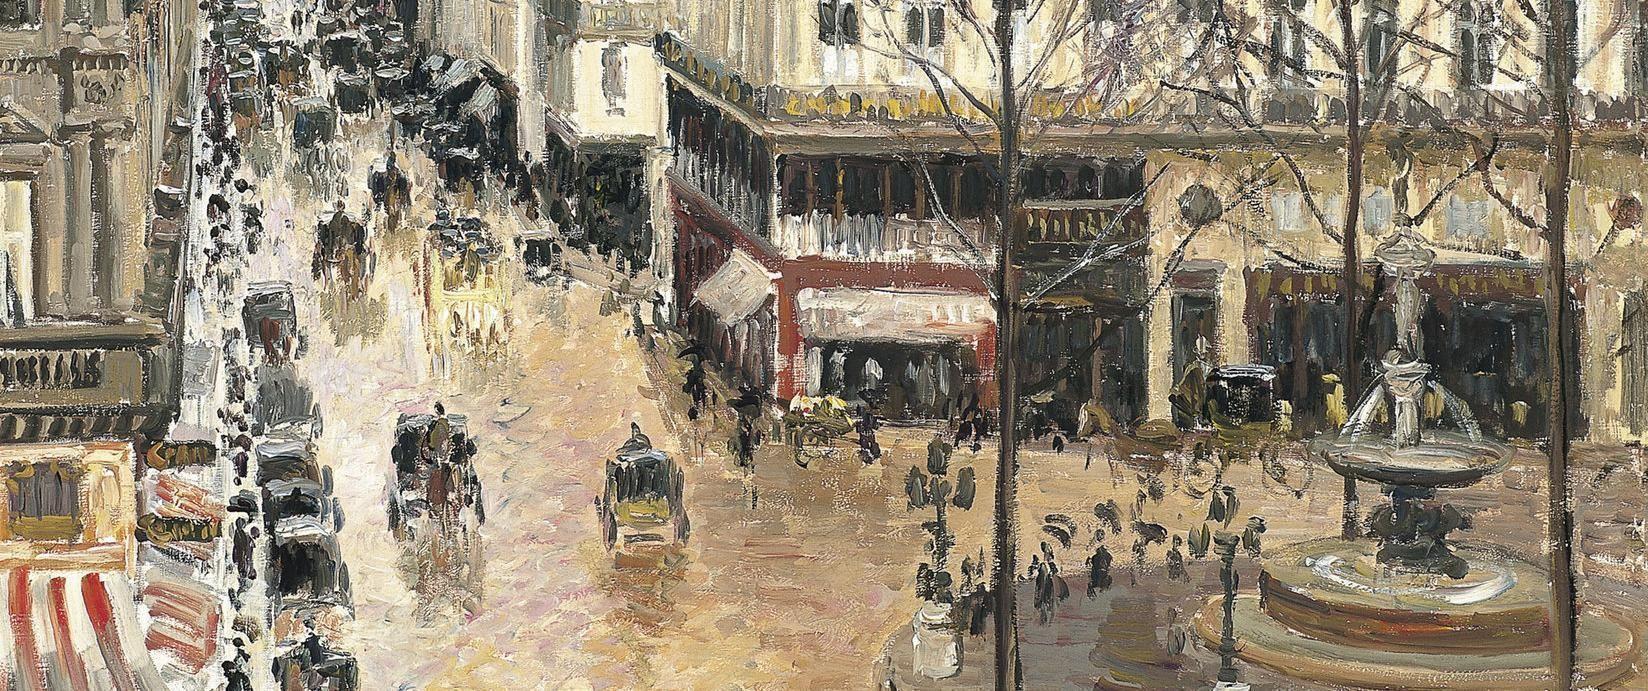 Картина  Писсарро остается в музее Мадрида